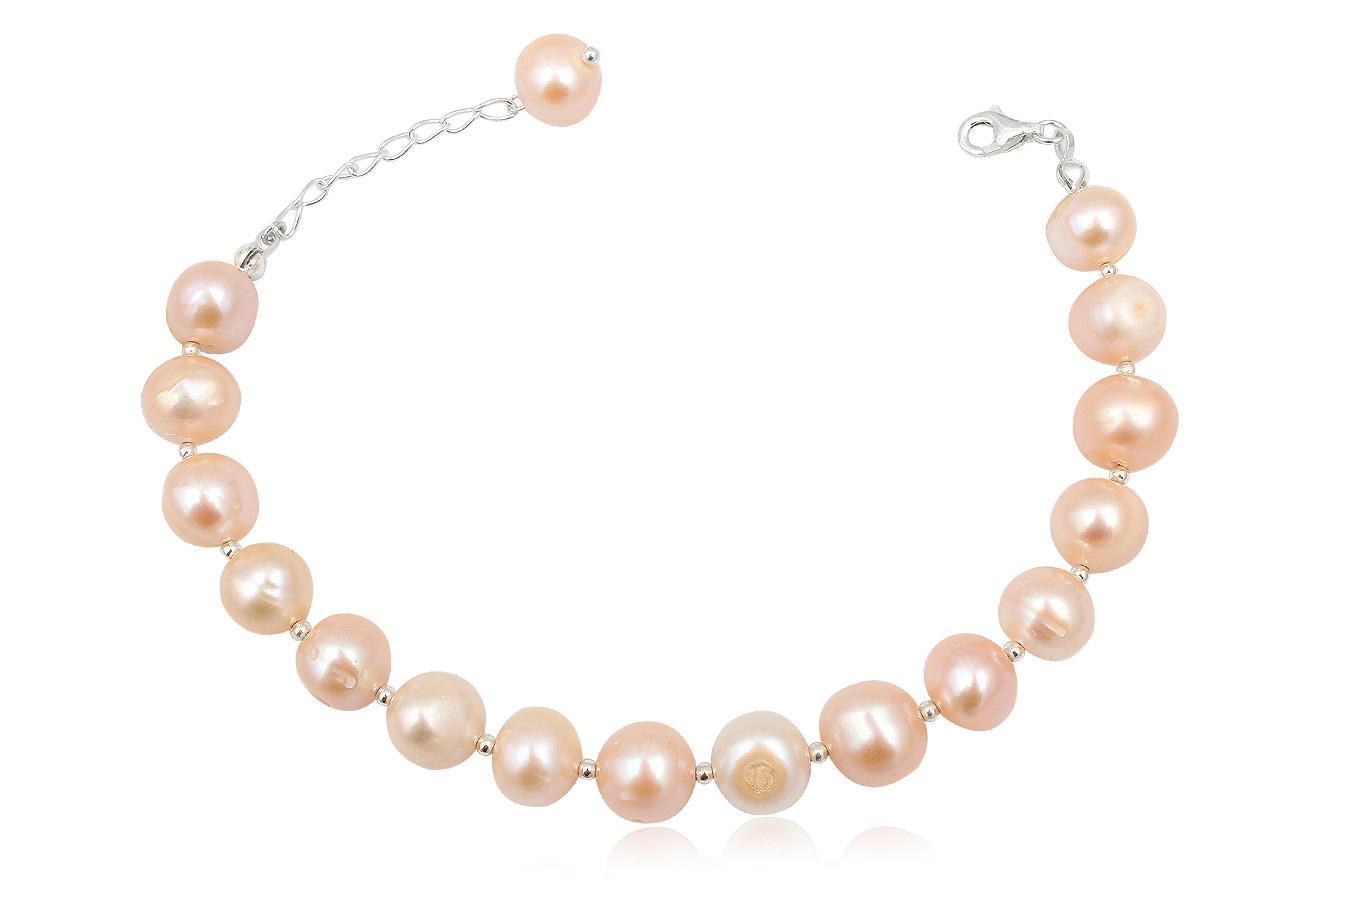 bratara cu perle roz 1 cm